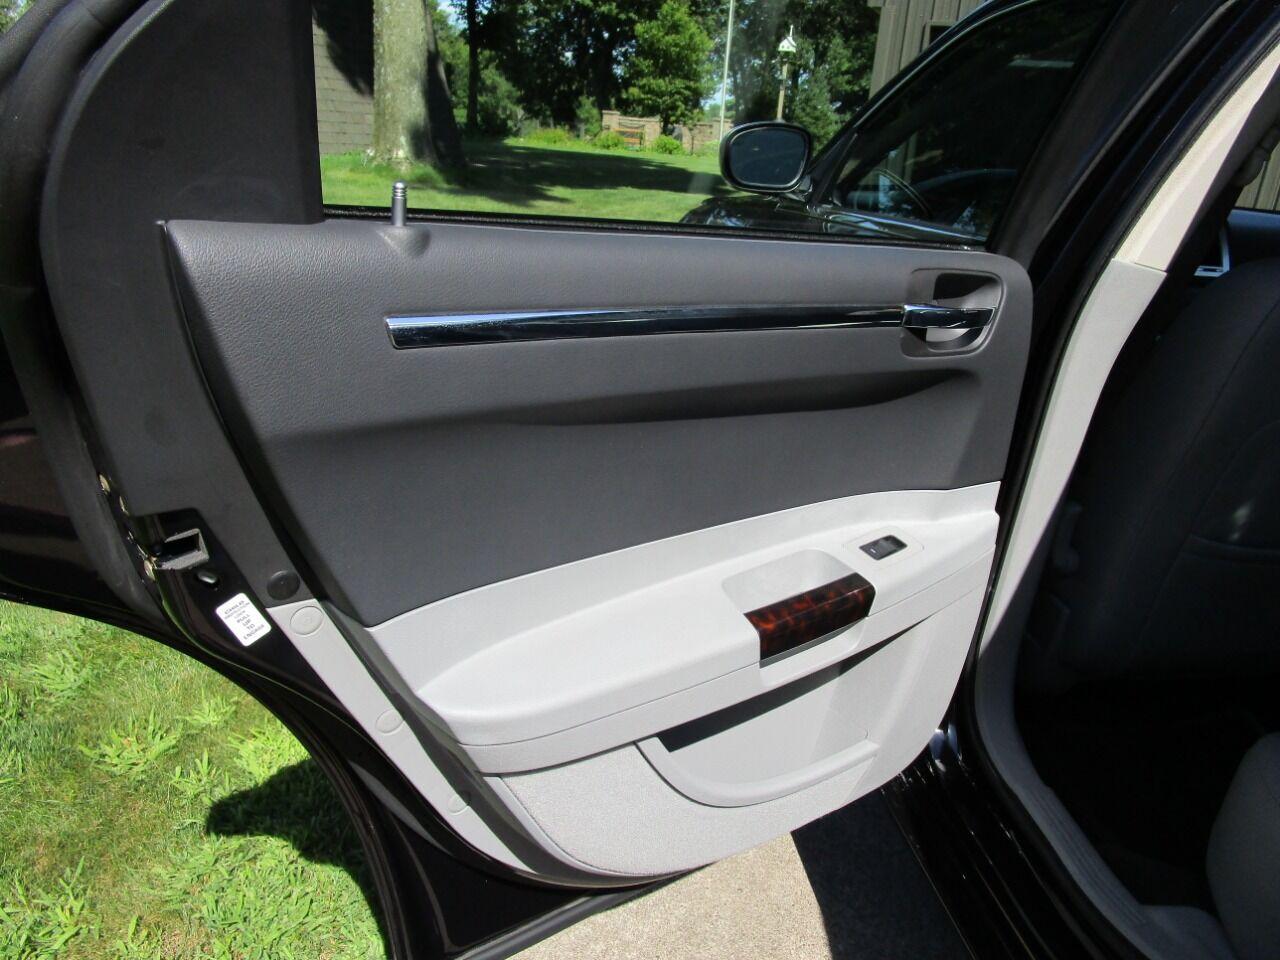 2006 Chrysler 300 57